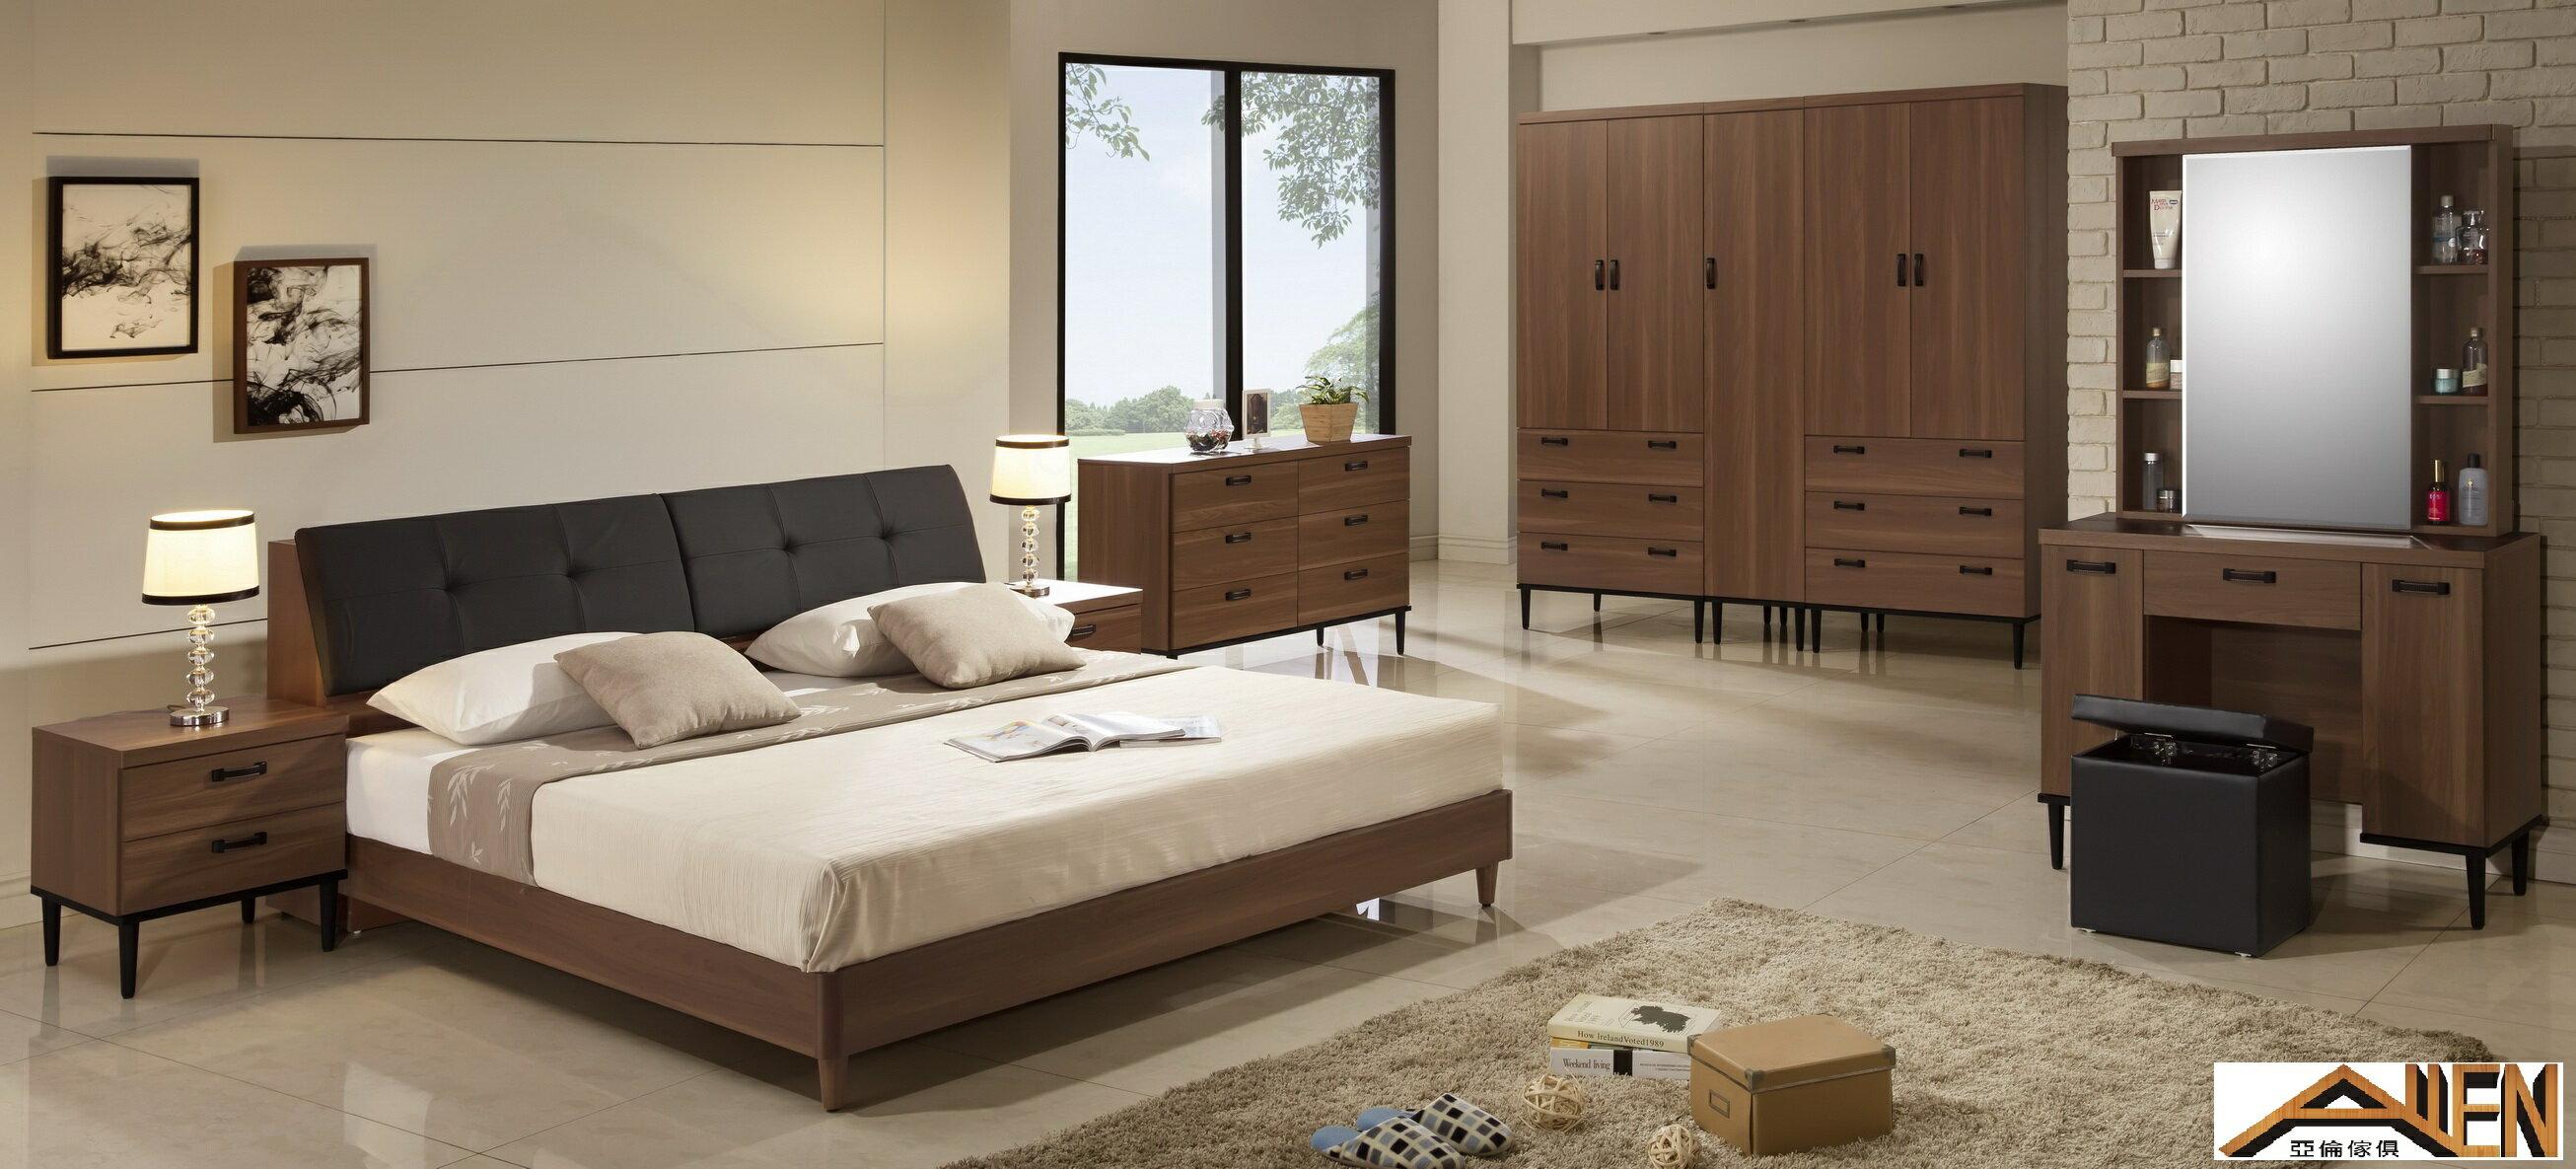 亞倫傢俱*亞當斯立體木紋床頭櫃 2